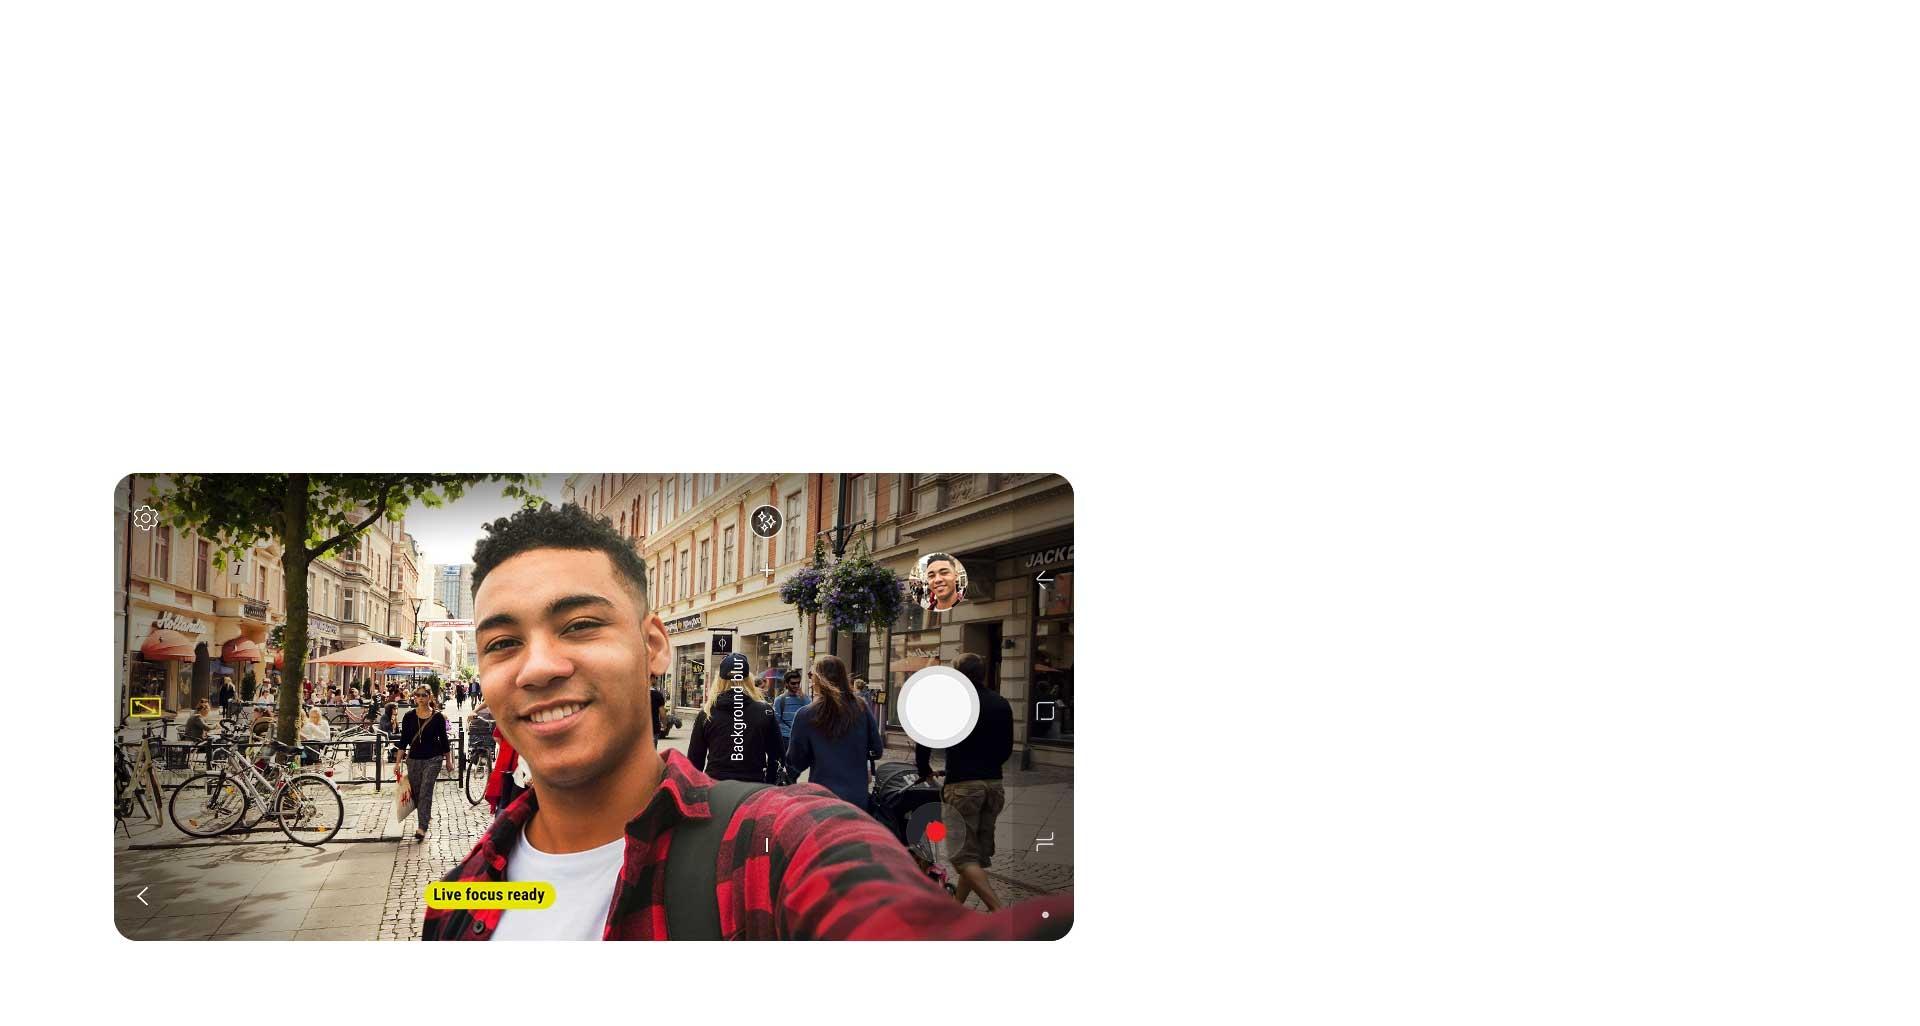 گوشی گلکسی ای 8 پلاس 2018 برای بهترین کیفیت تصاویر سلفی